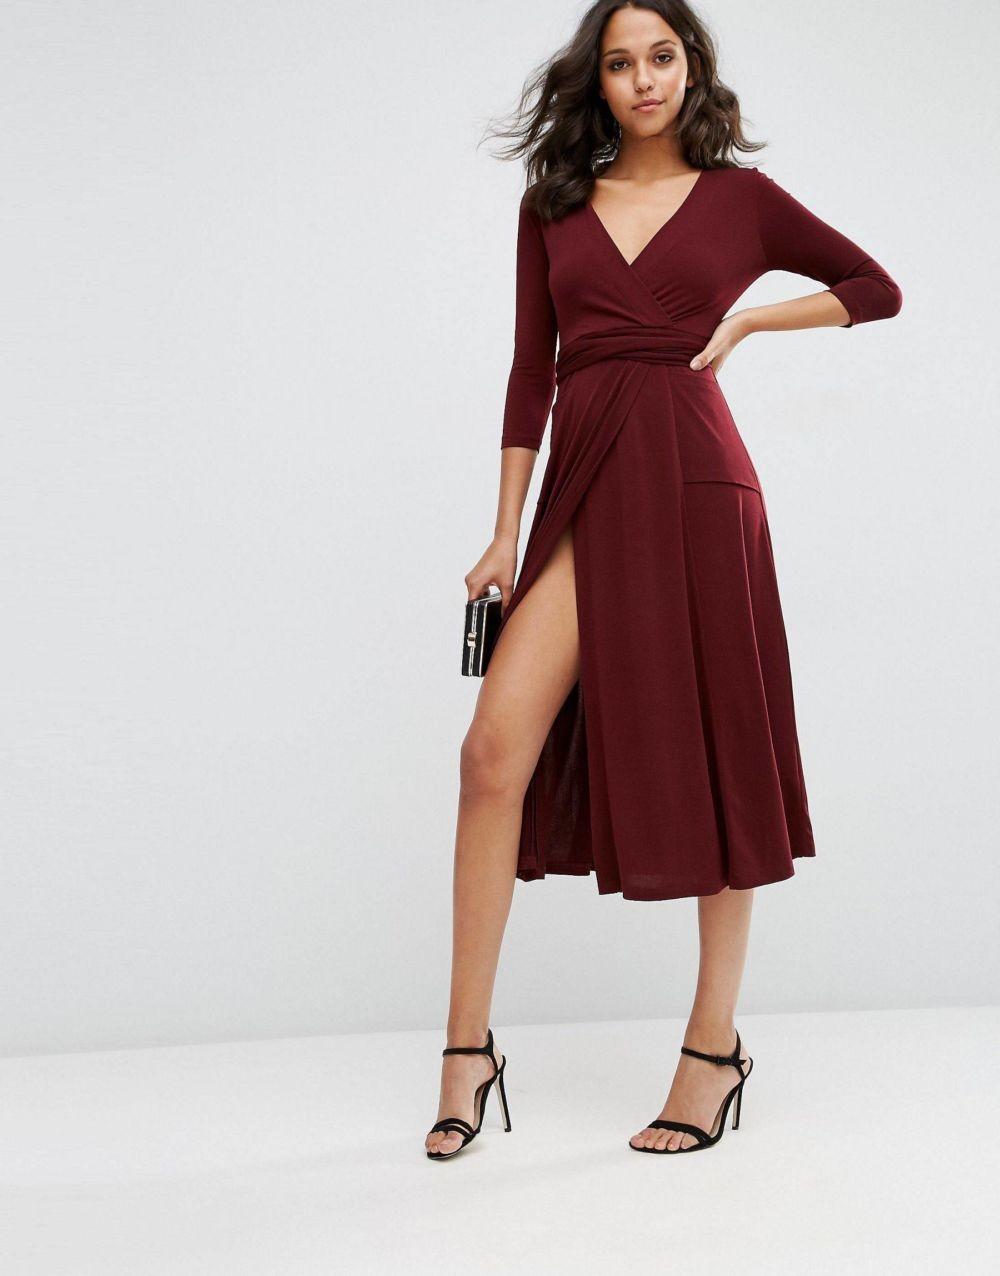 платья на каждый день 2019 2019 года платье с запахом красное